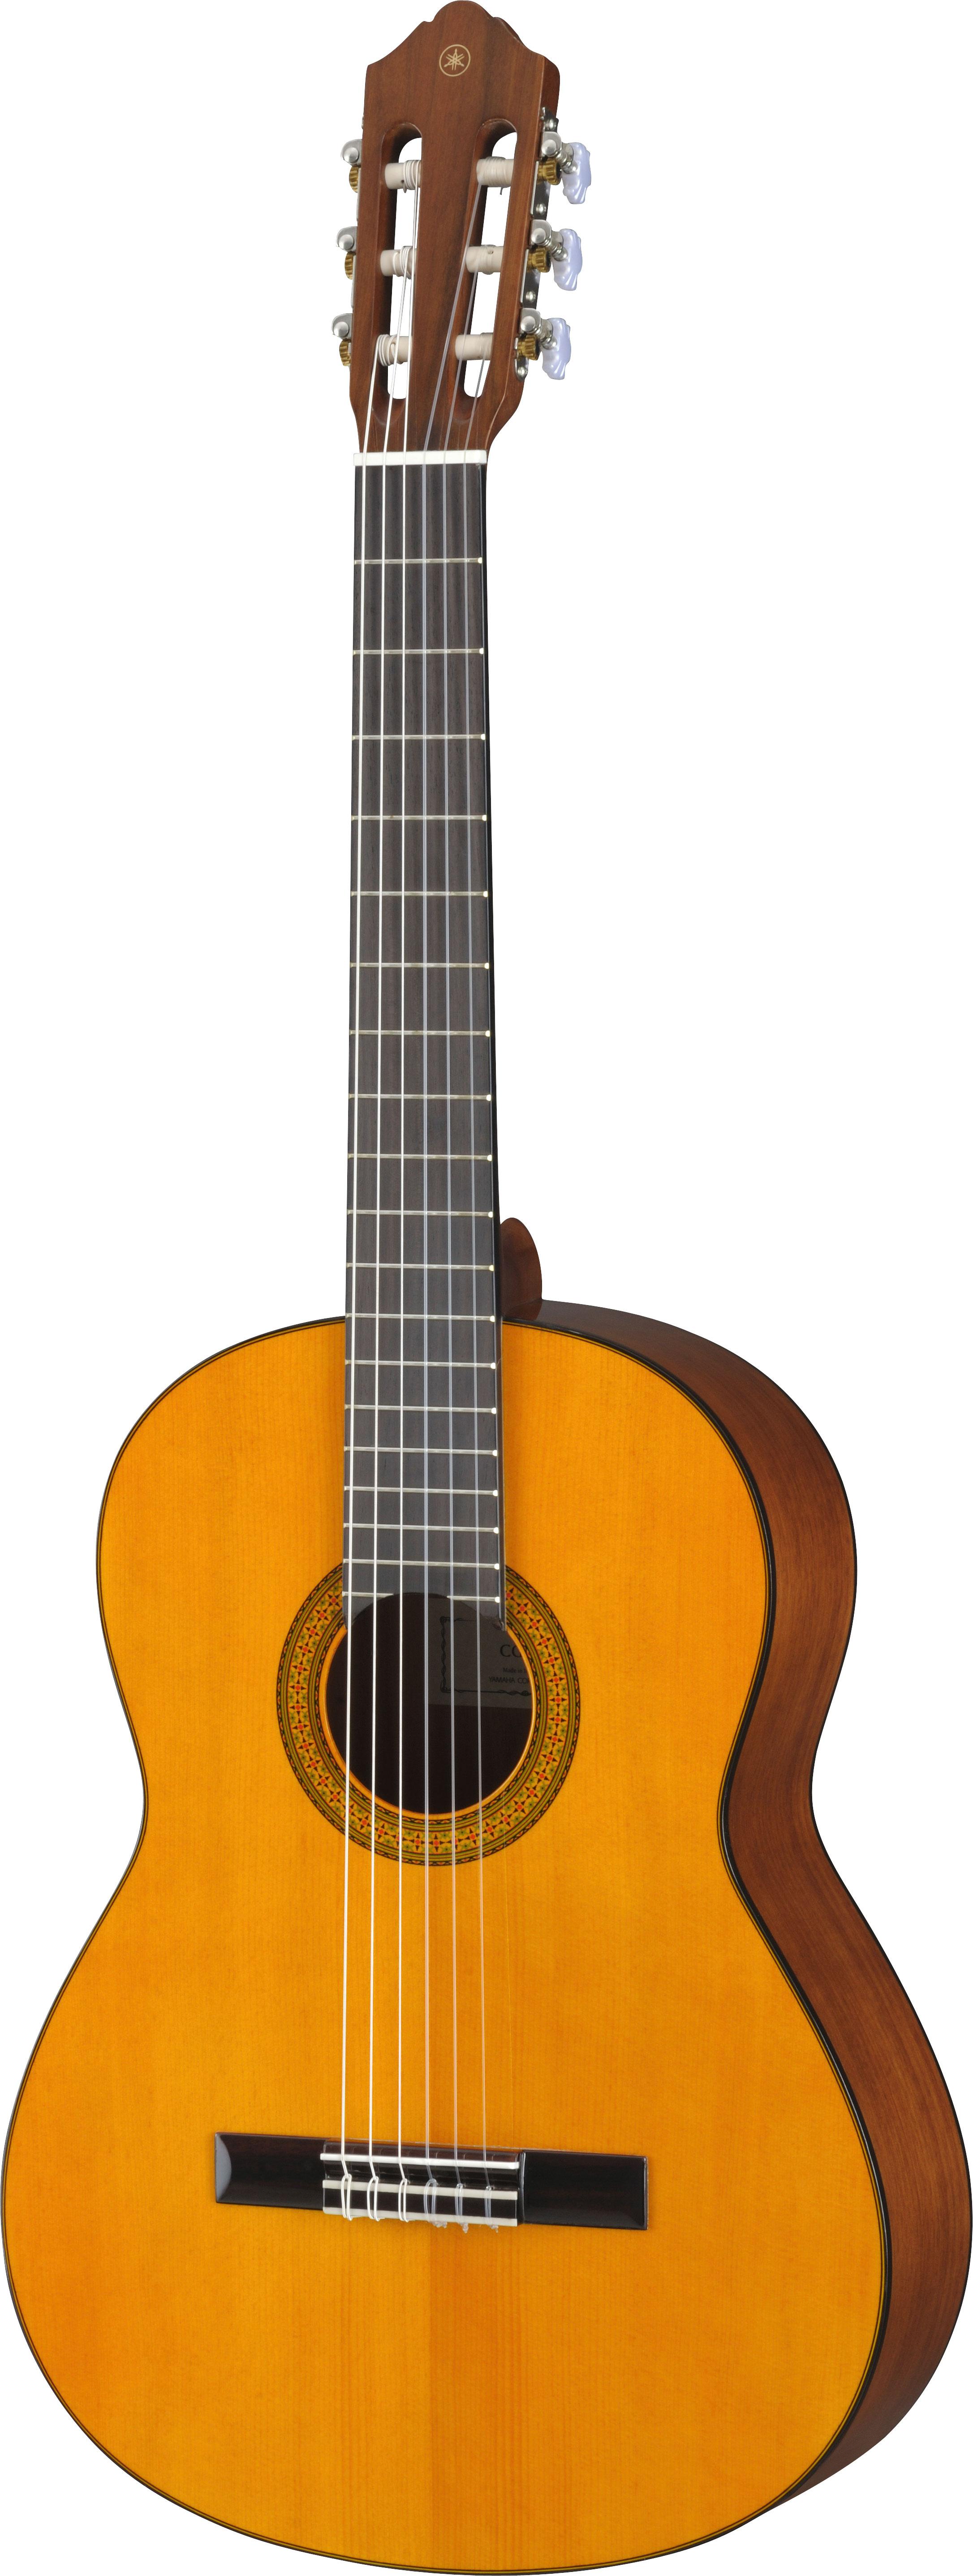 กีตาร์คลาสสิค (Classical Guitars) YAMAHA CG102